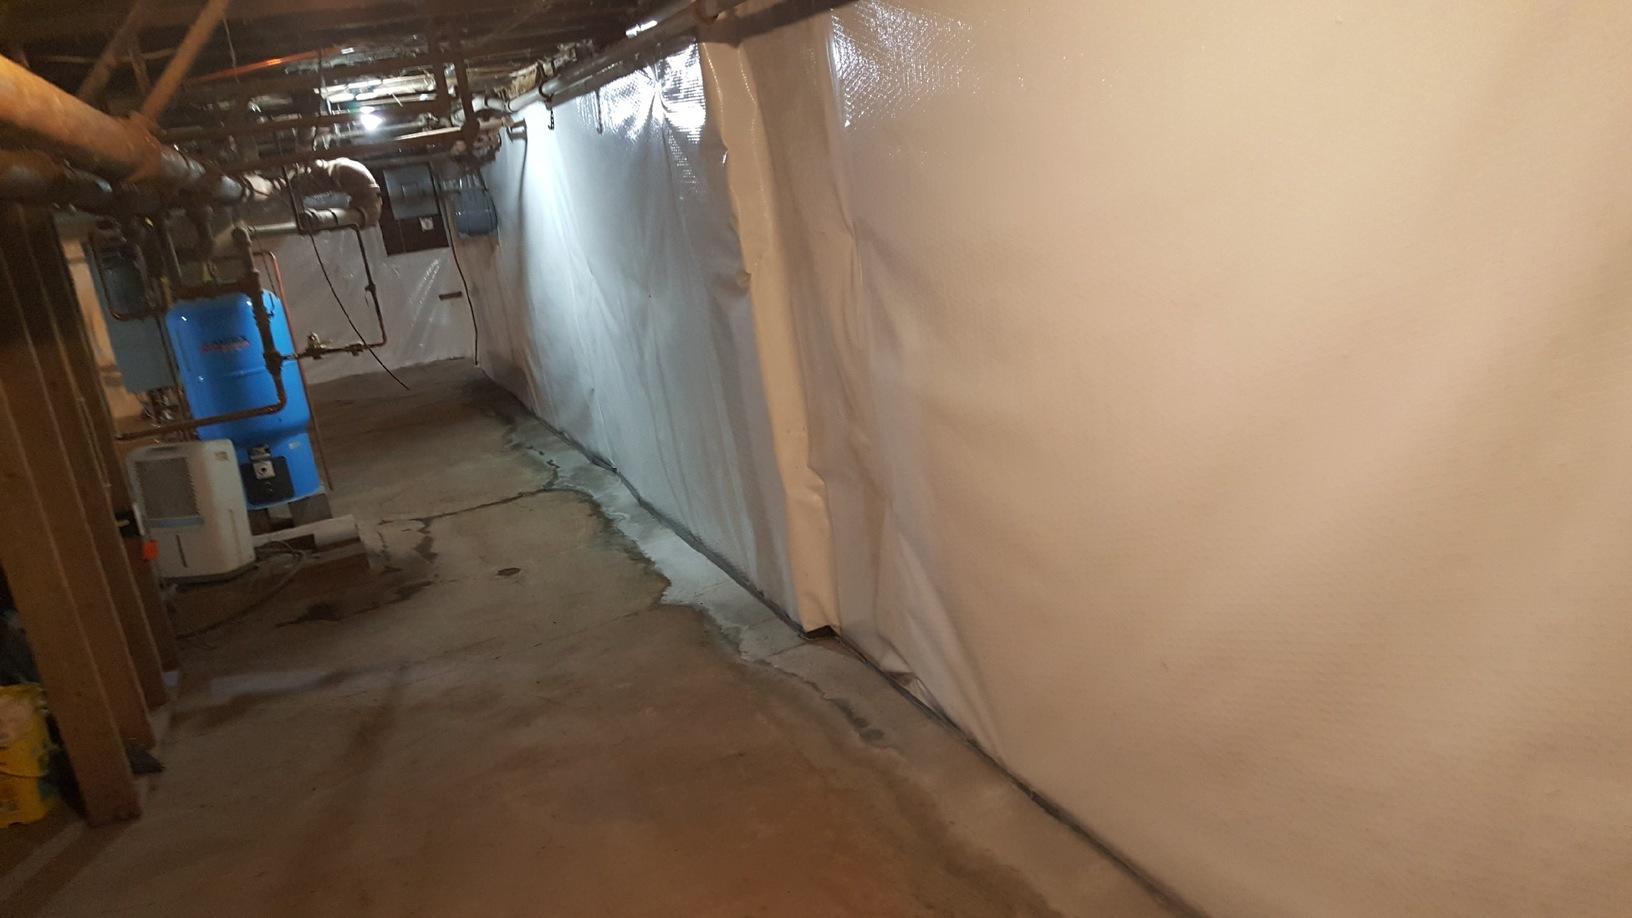 Duplex in Duluth, MN - After Photo